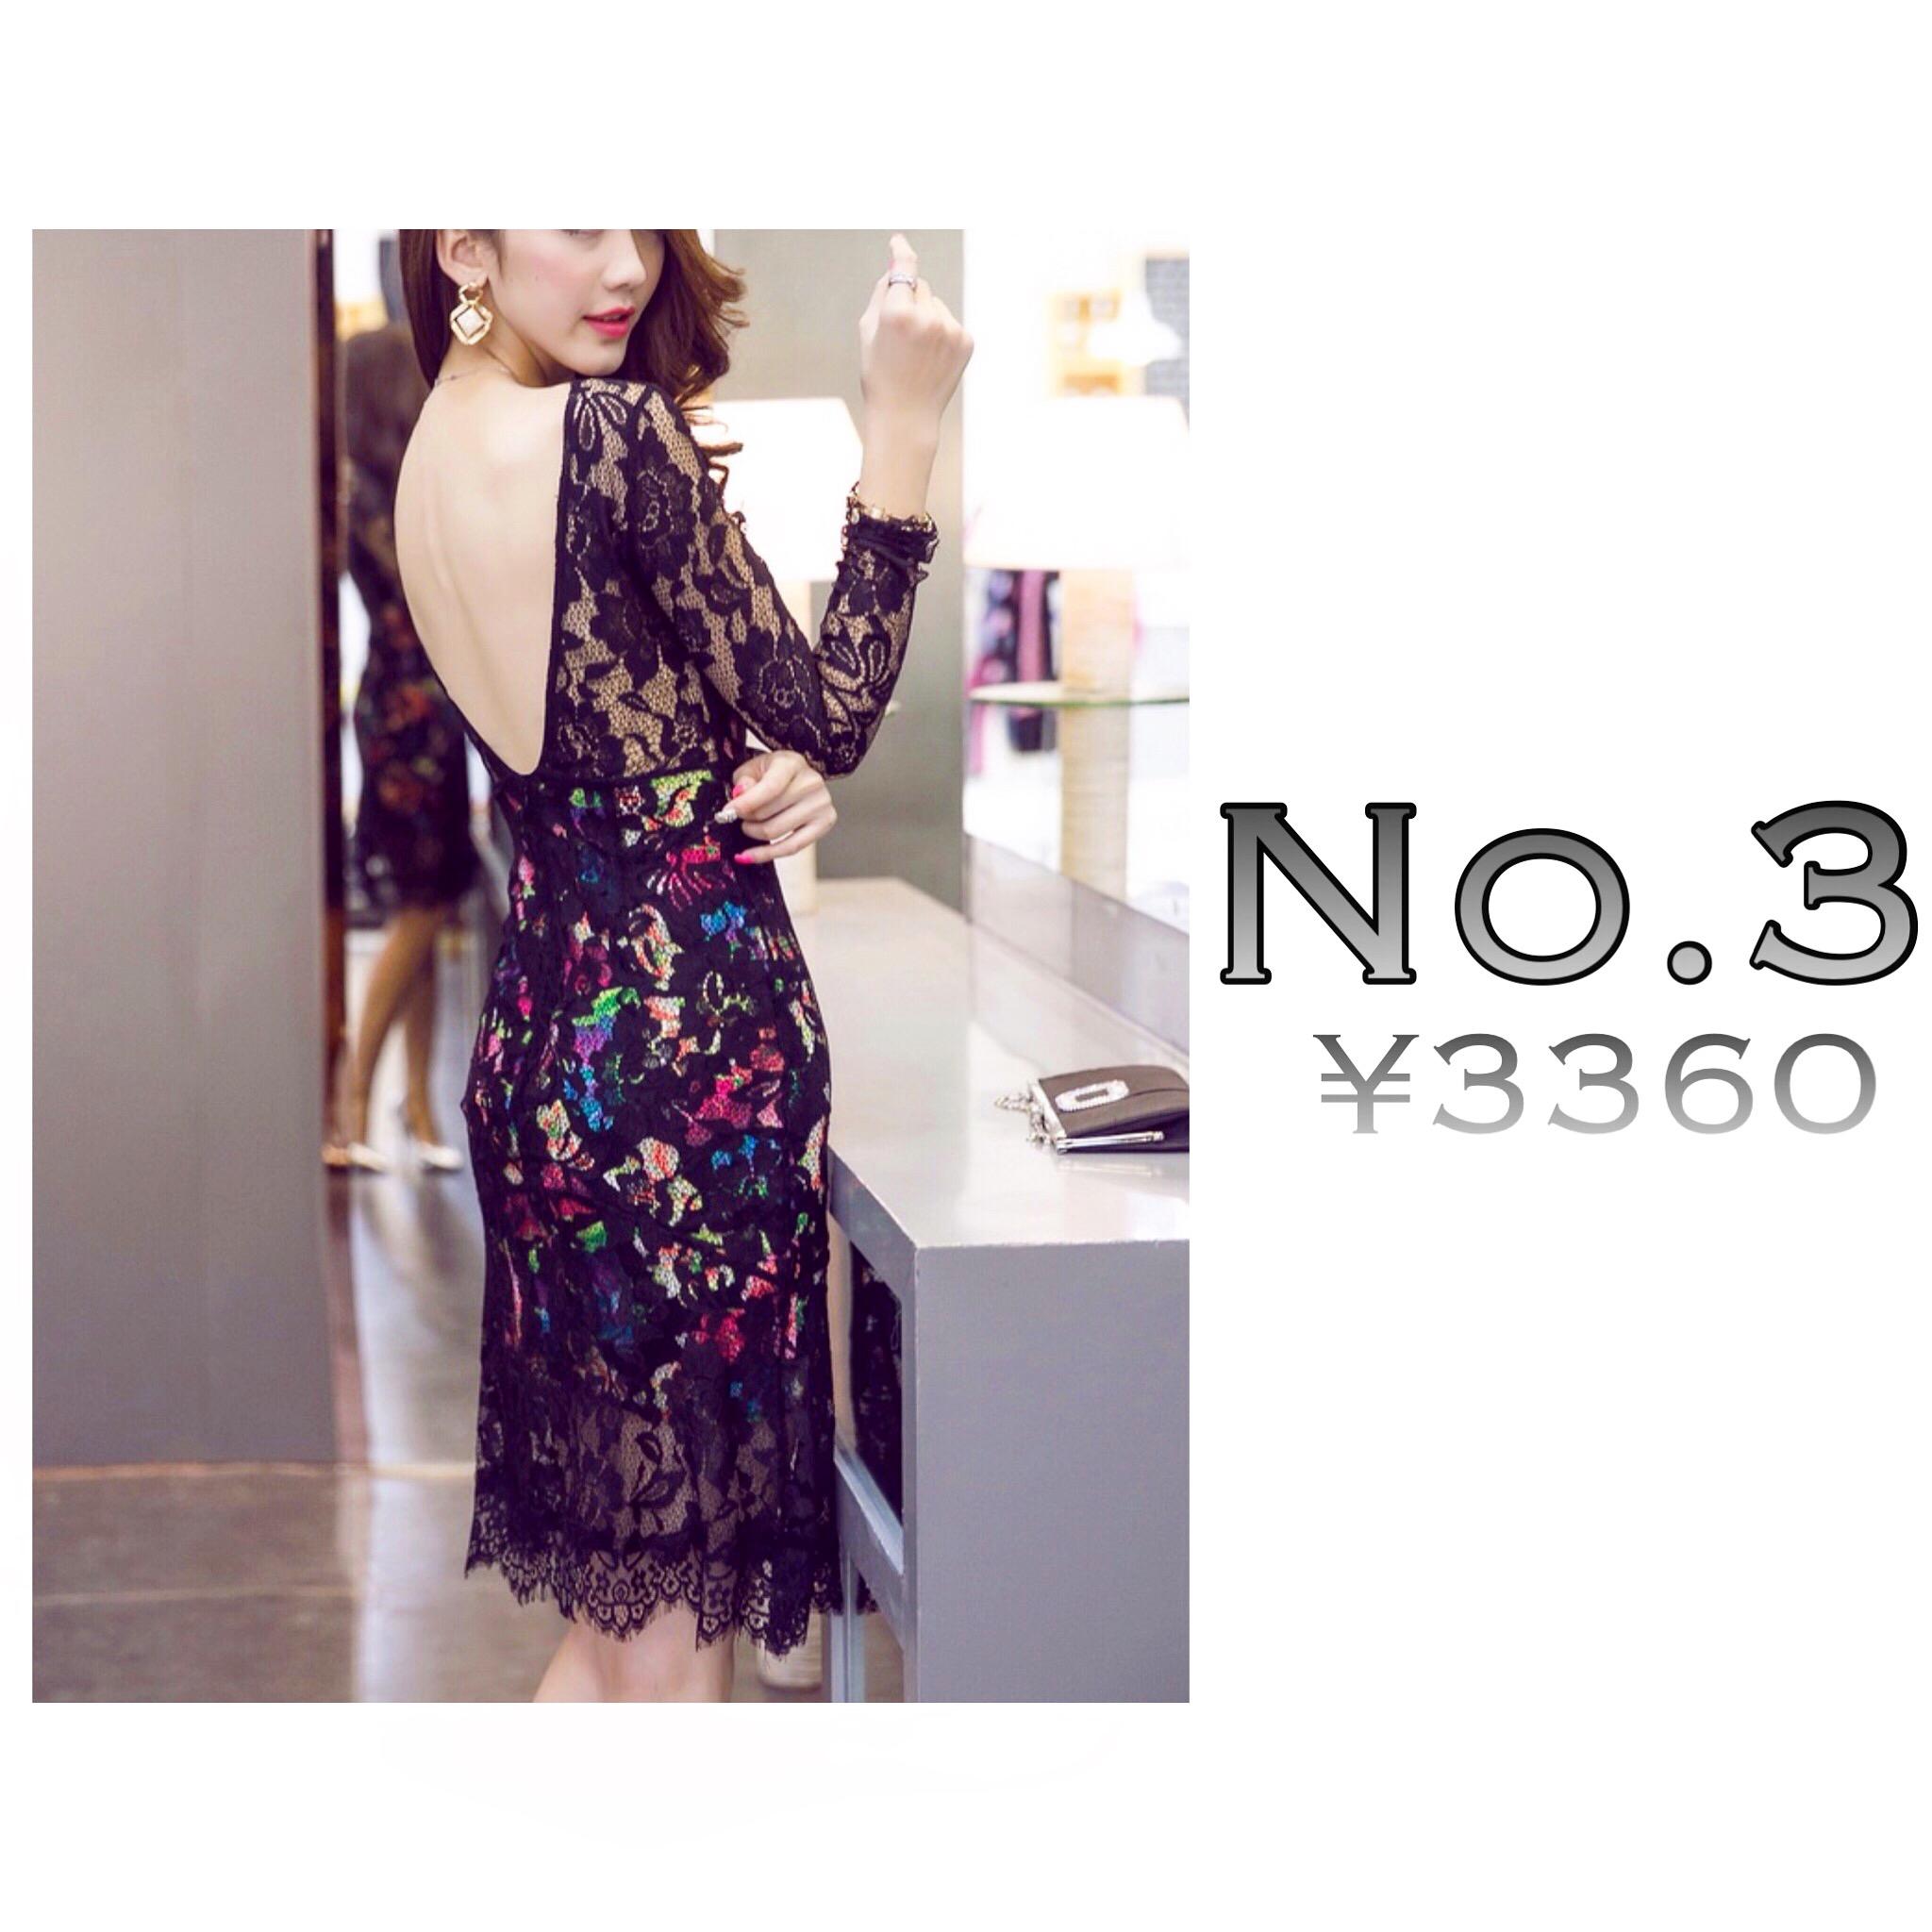 人気ランキング!!No.3!!